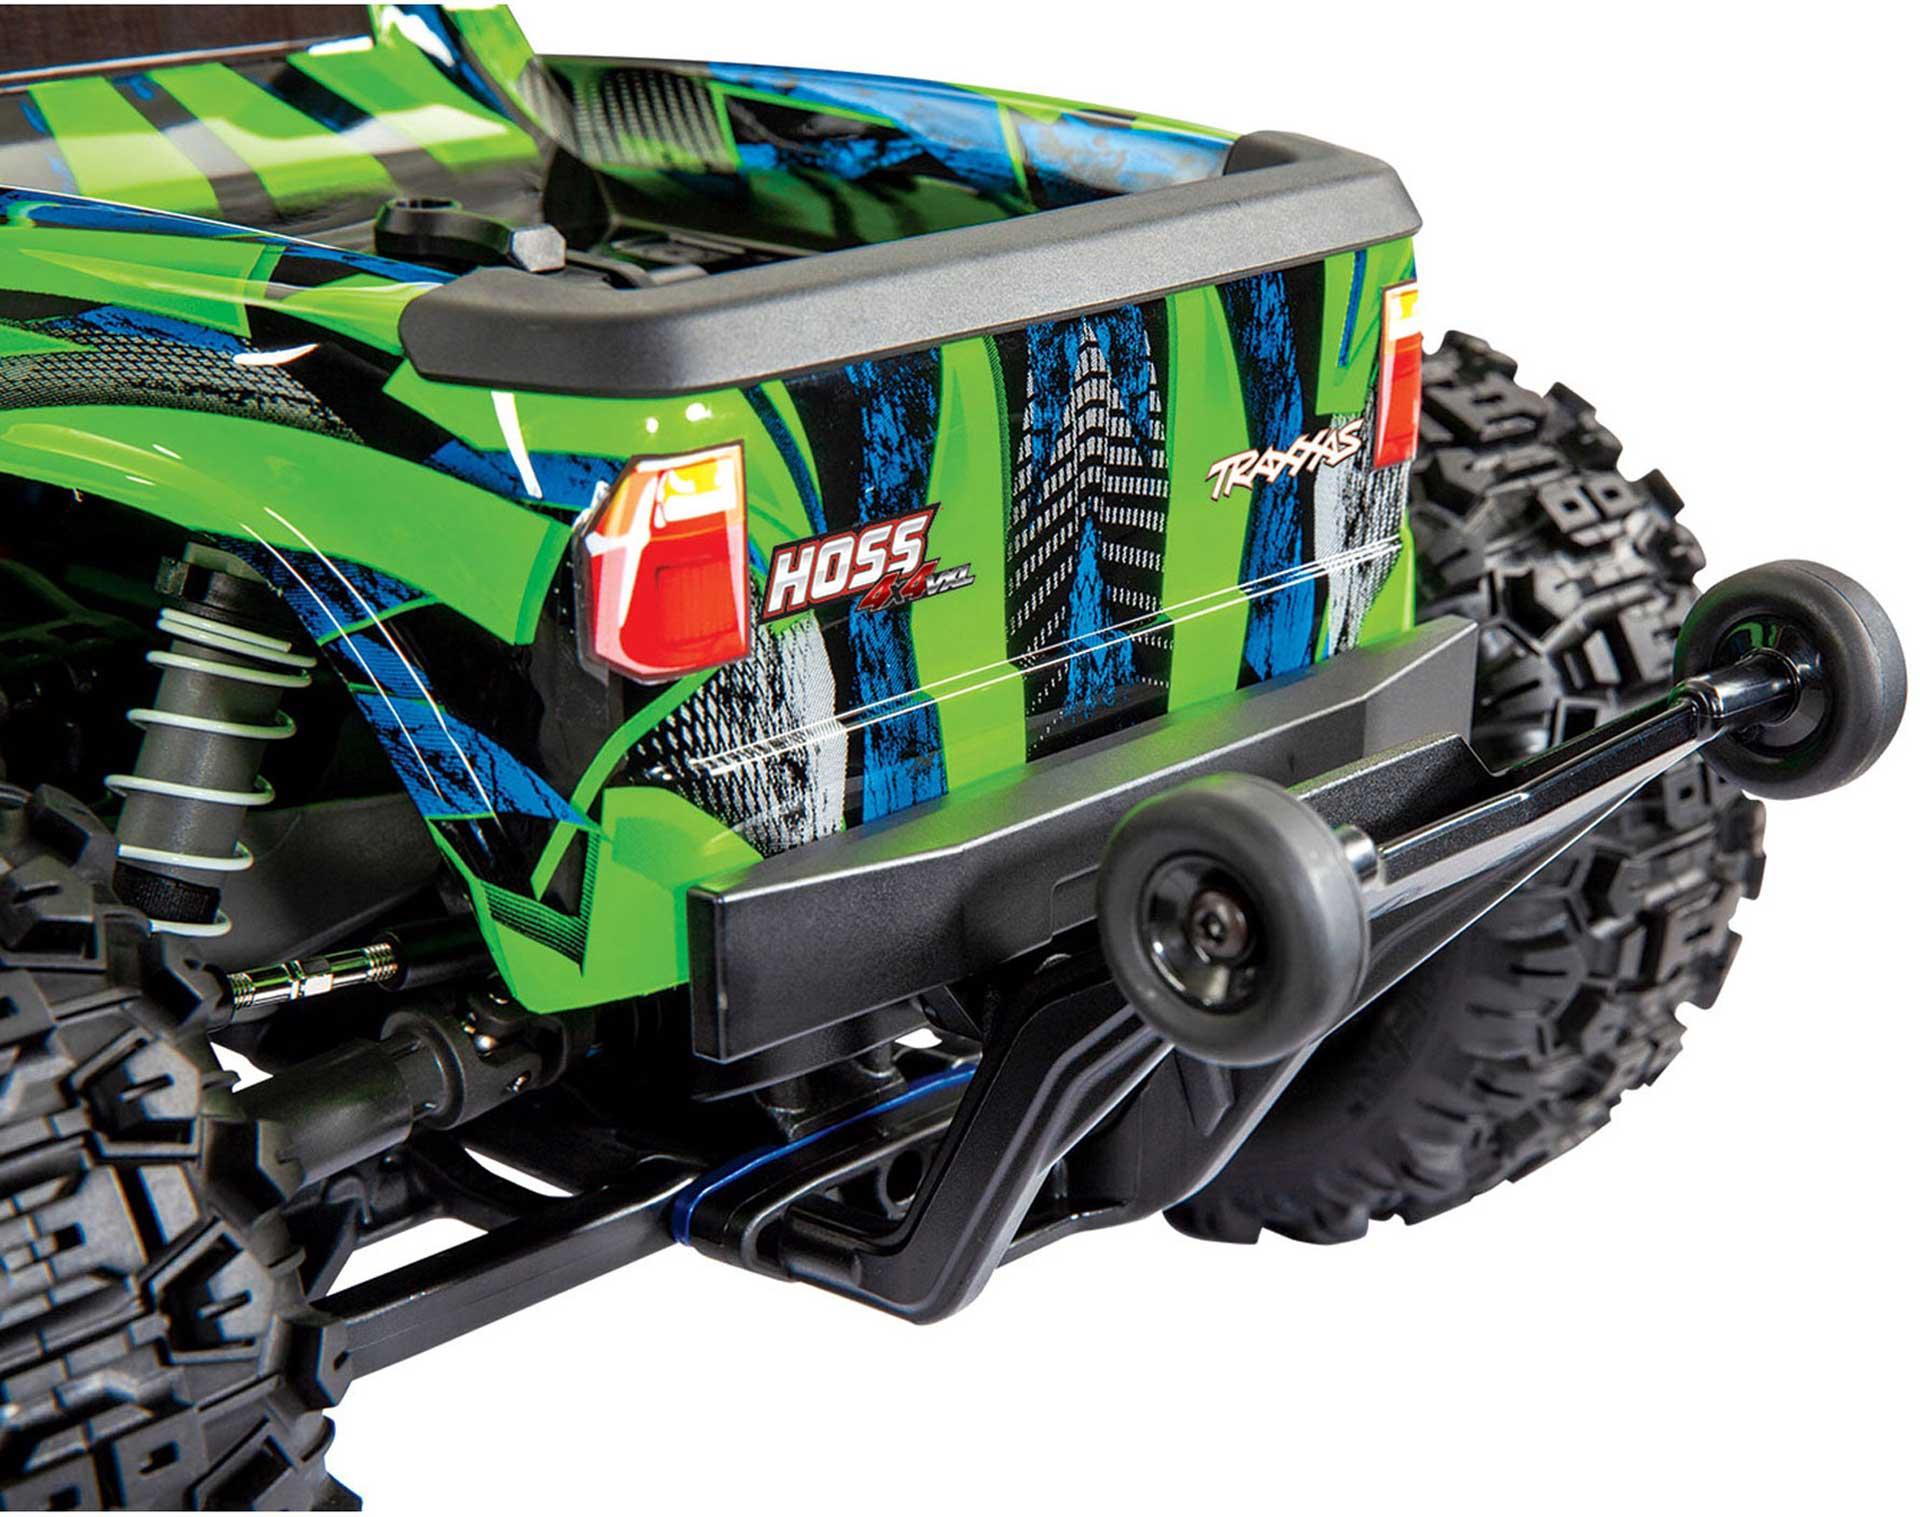 TRAXXAS HOSS 4x4 VXL 3S 1/10 RTR Monster Truck Grün Brushless ohne Akku/Lader